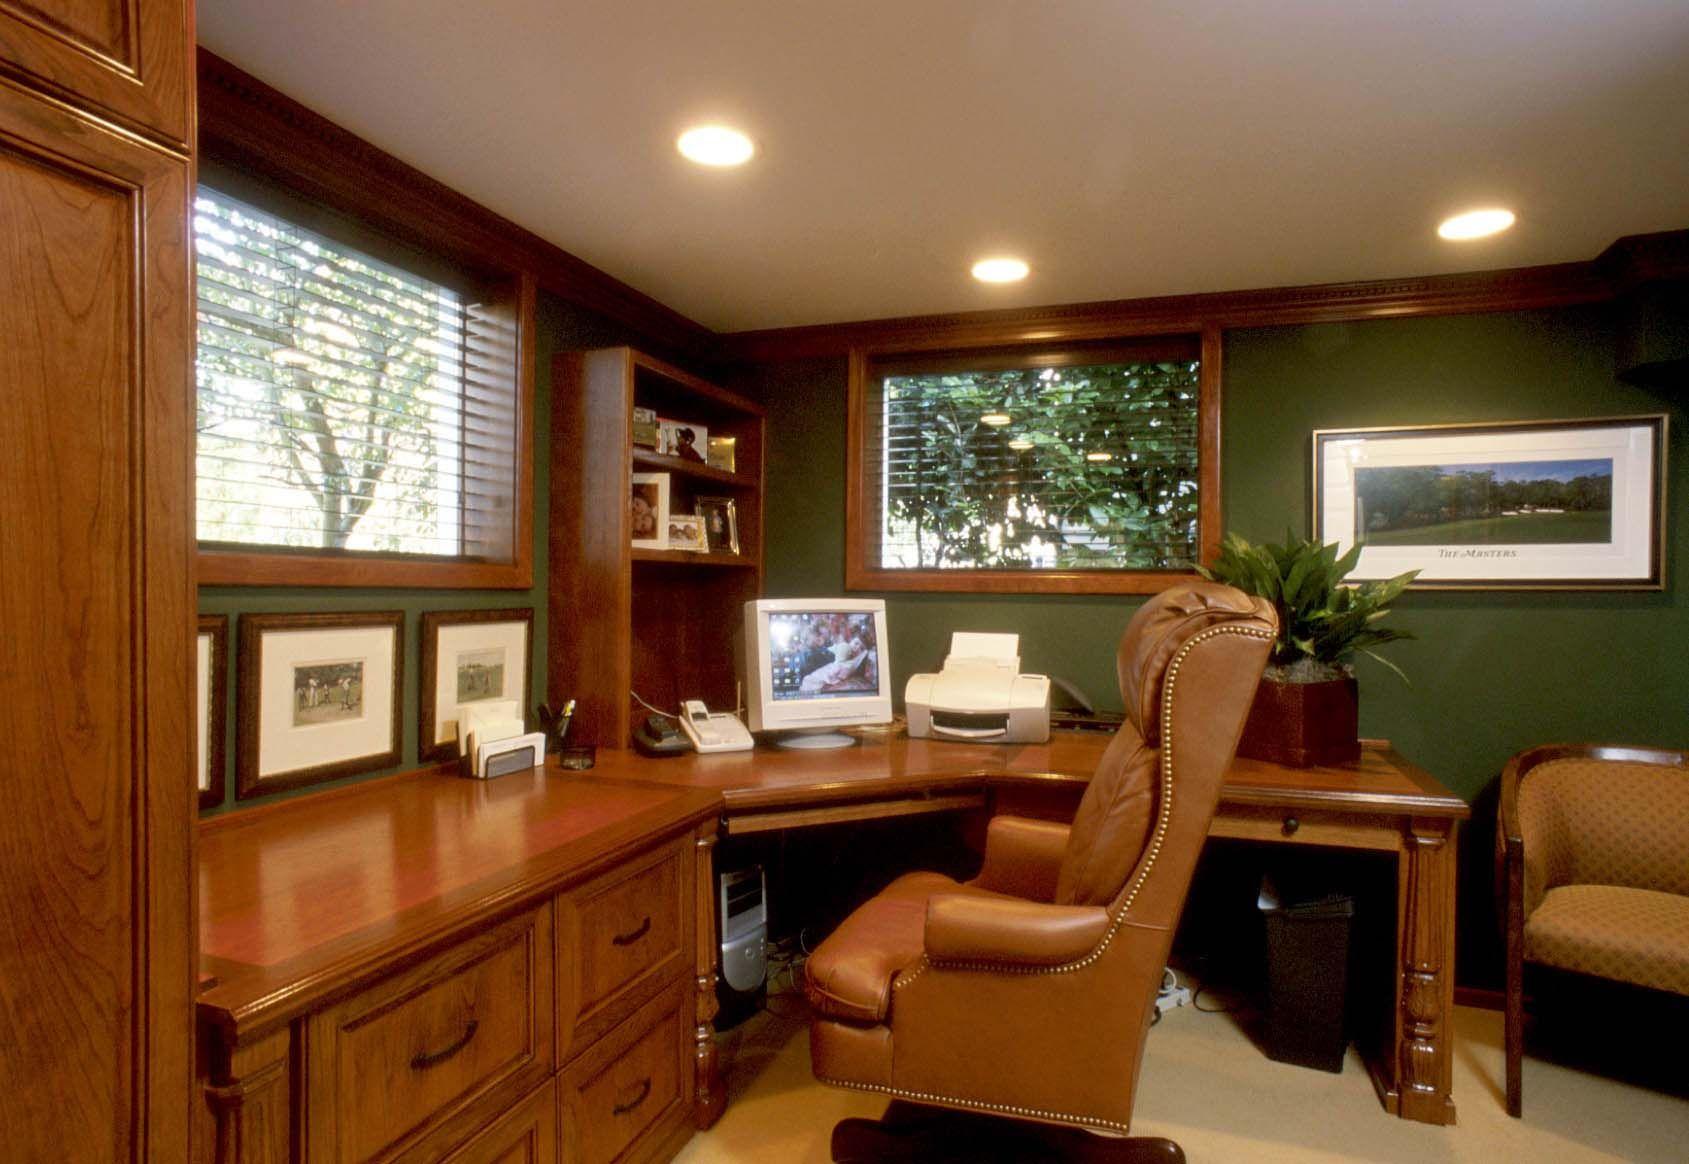 Nutzen Sie die inspirierenden Ideen, die ein kleines Büro ...